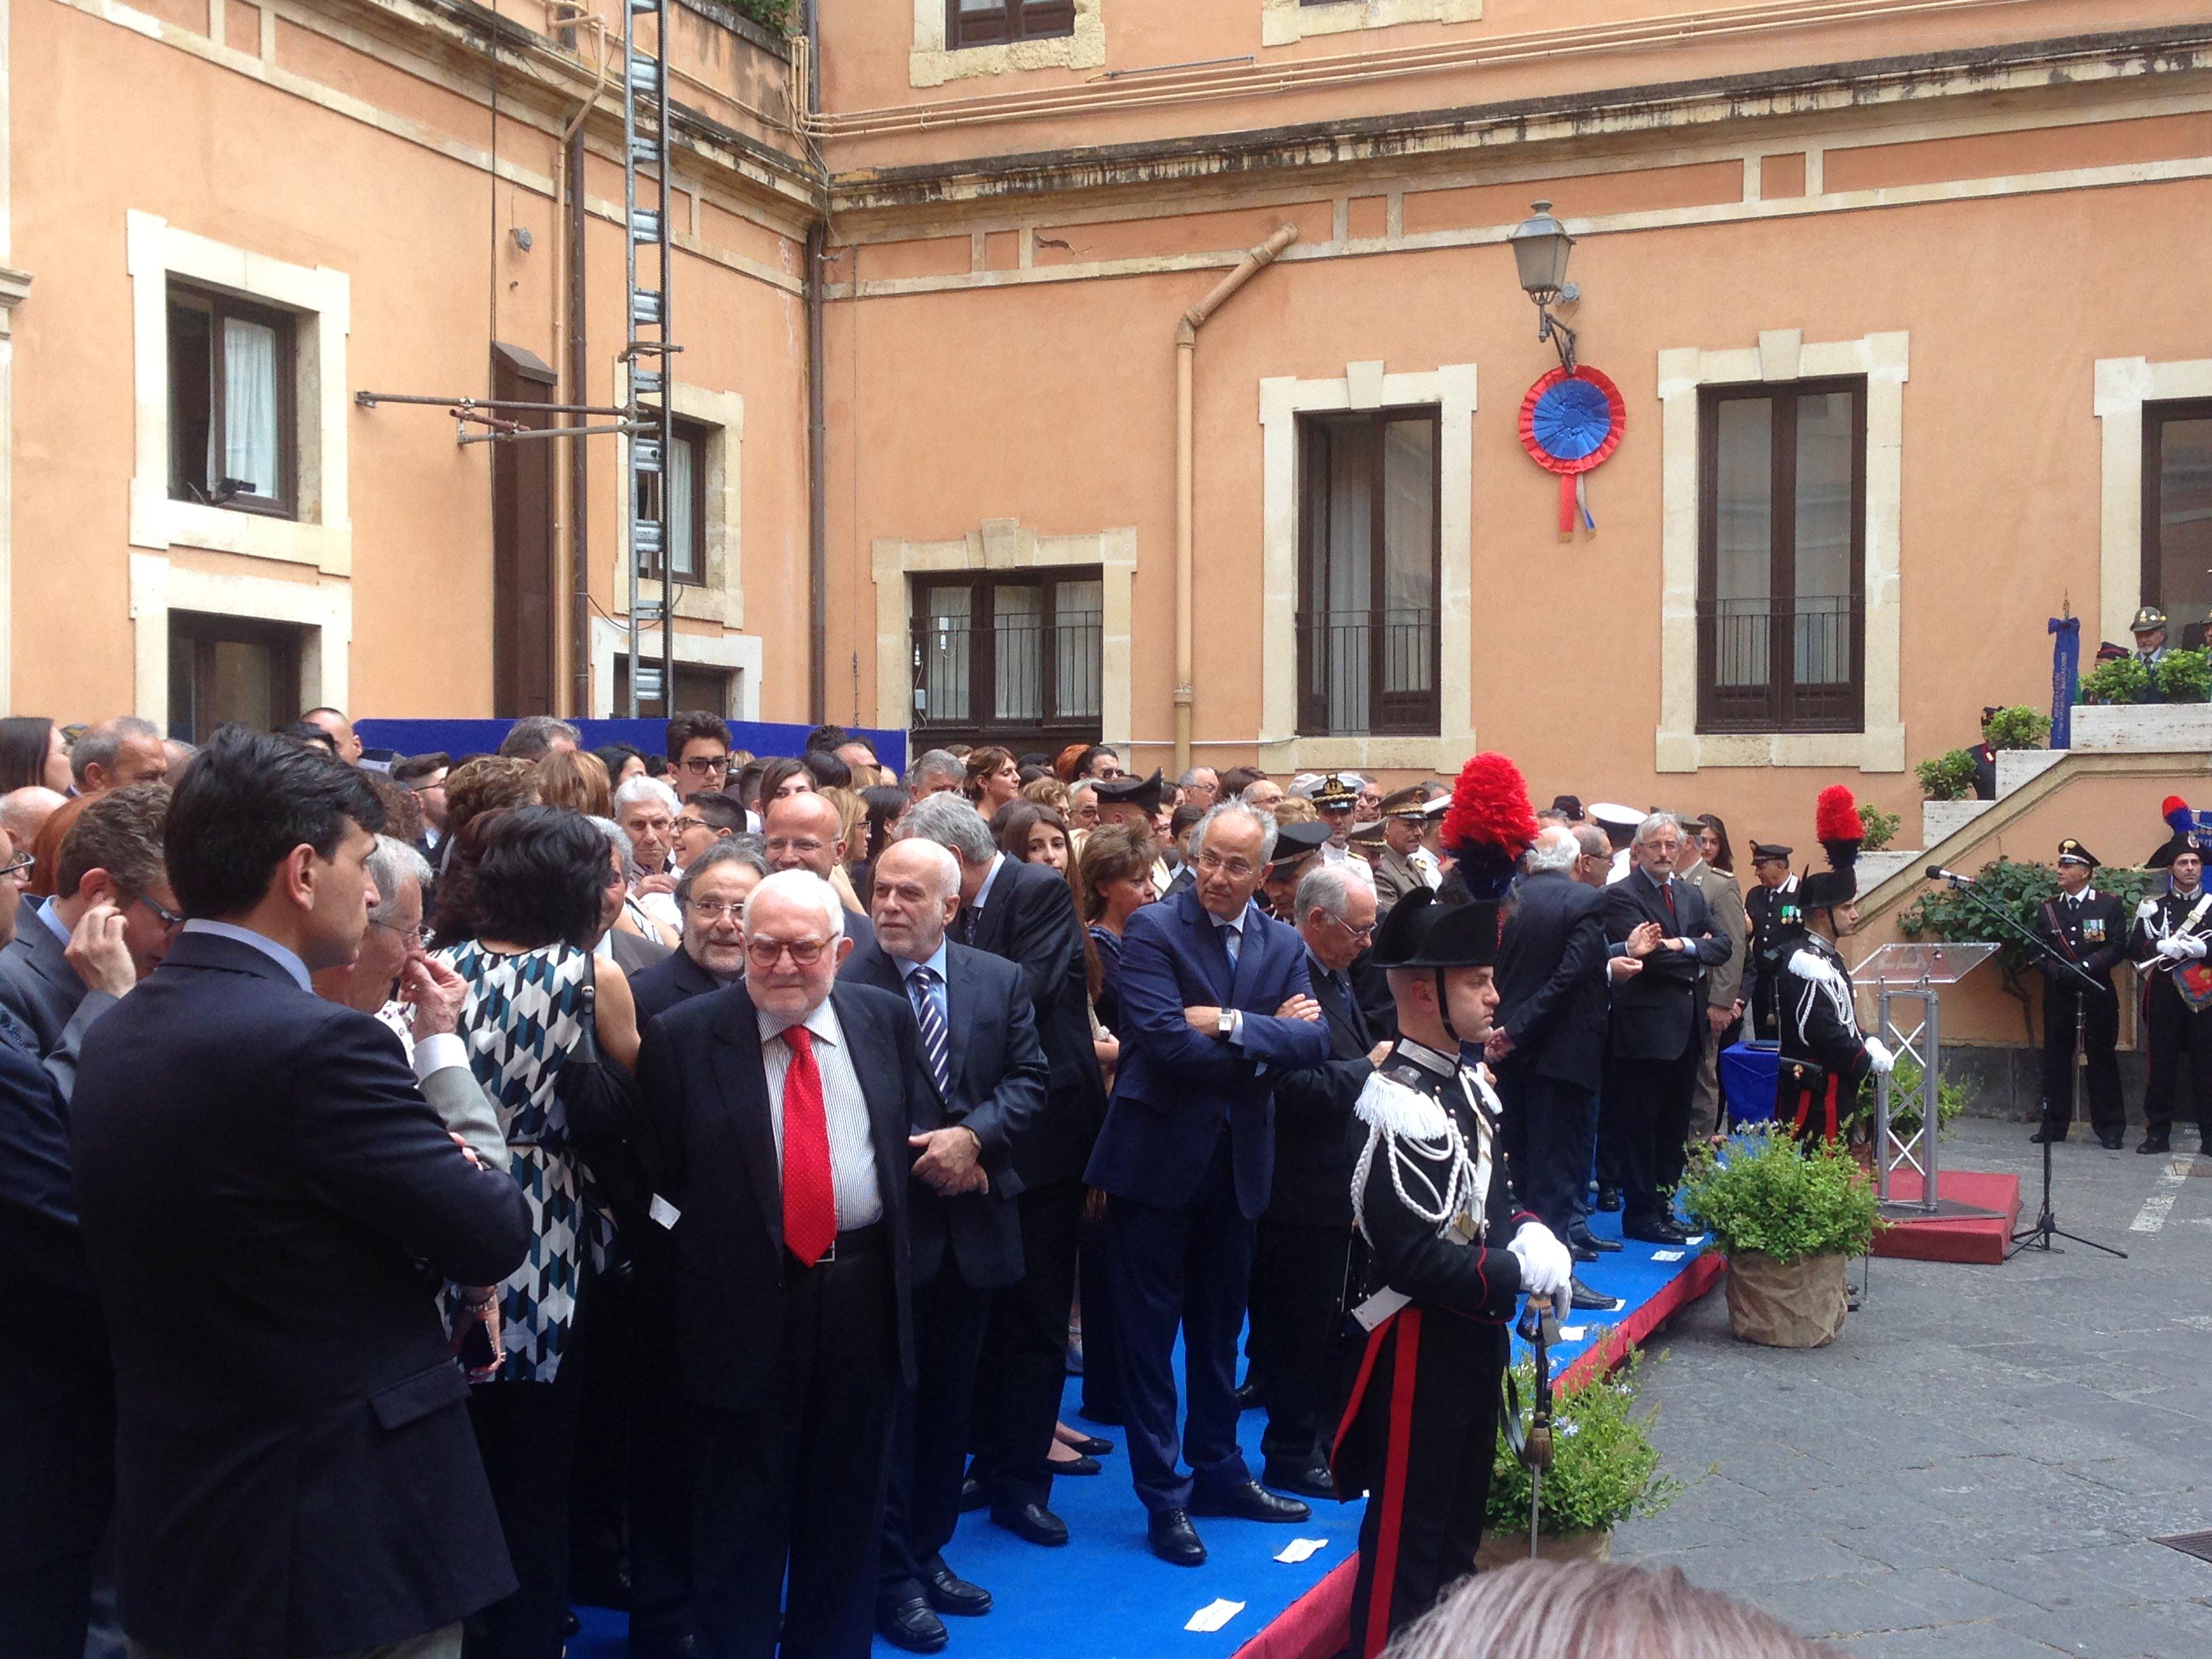 Festa dell'Arma: la celebrazione dei carabinieri di Catania